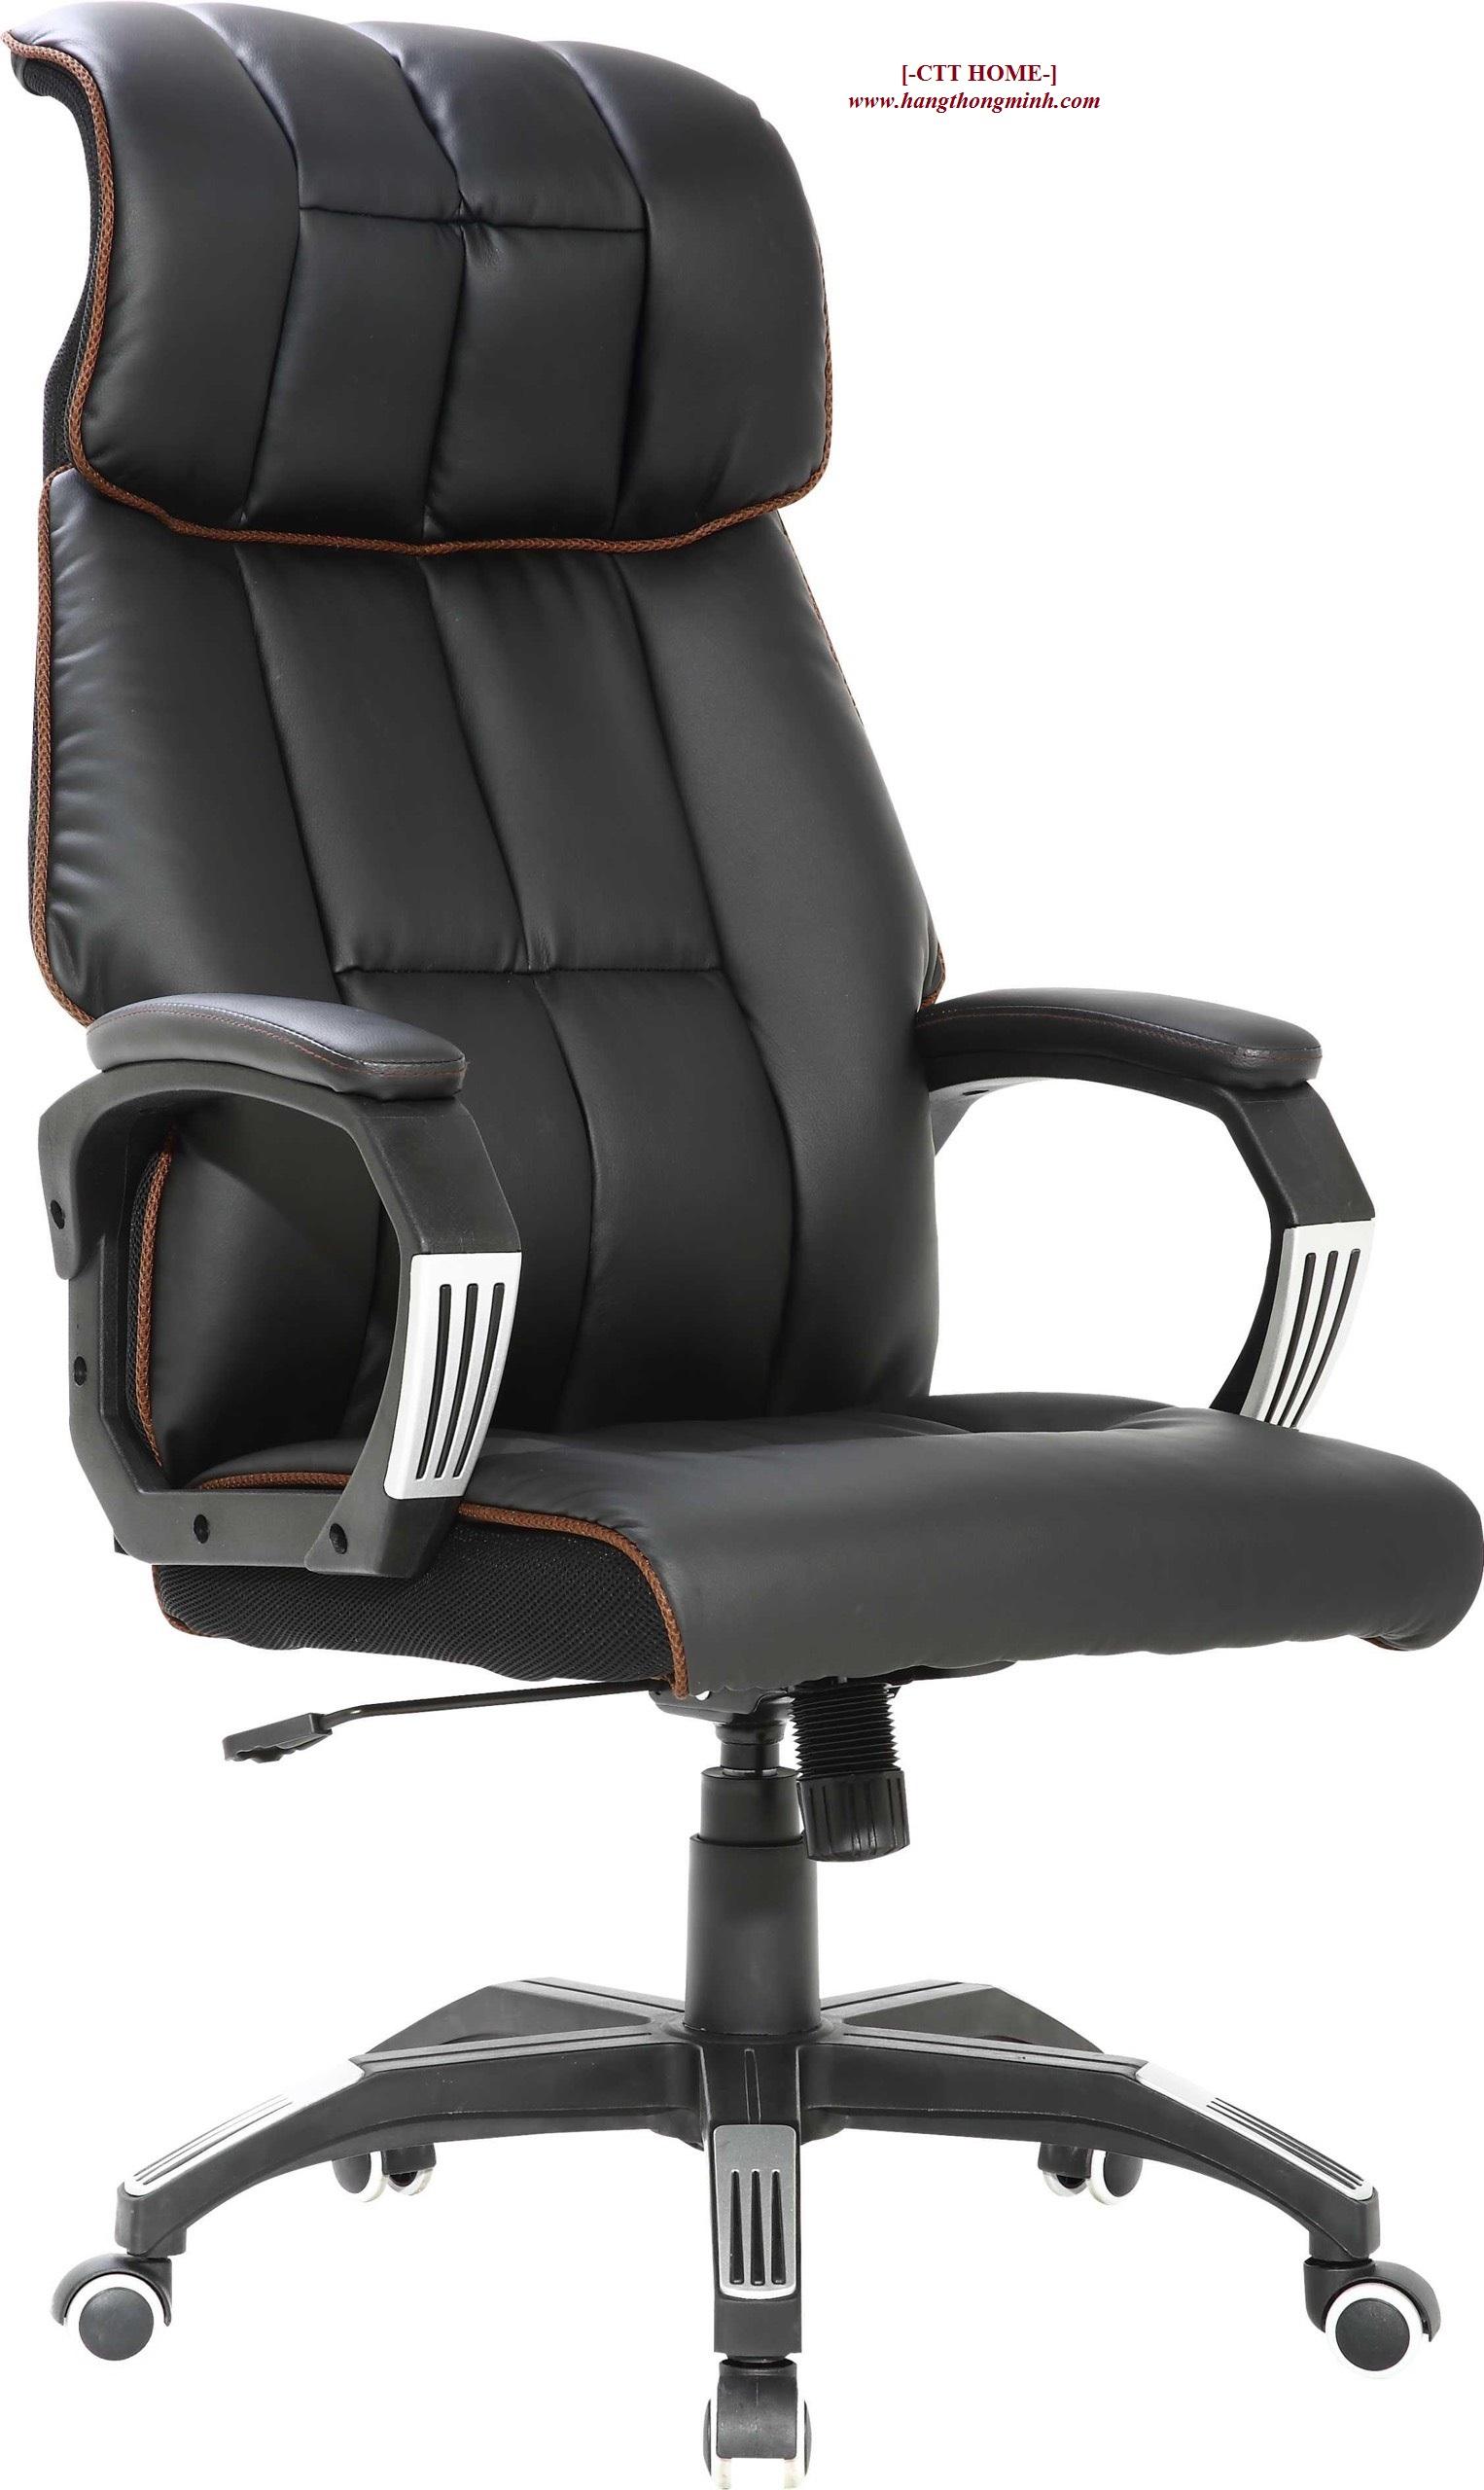 ghế giám đốc, ghế trưởng phòng, ghế lãnh đạo bọc da giá rẻ